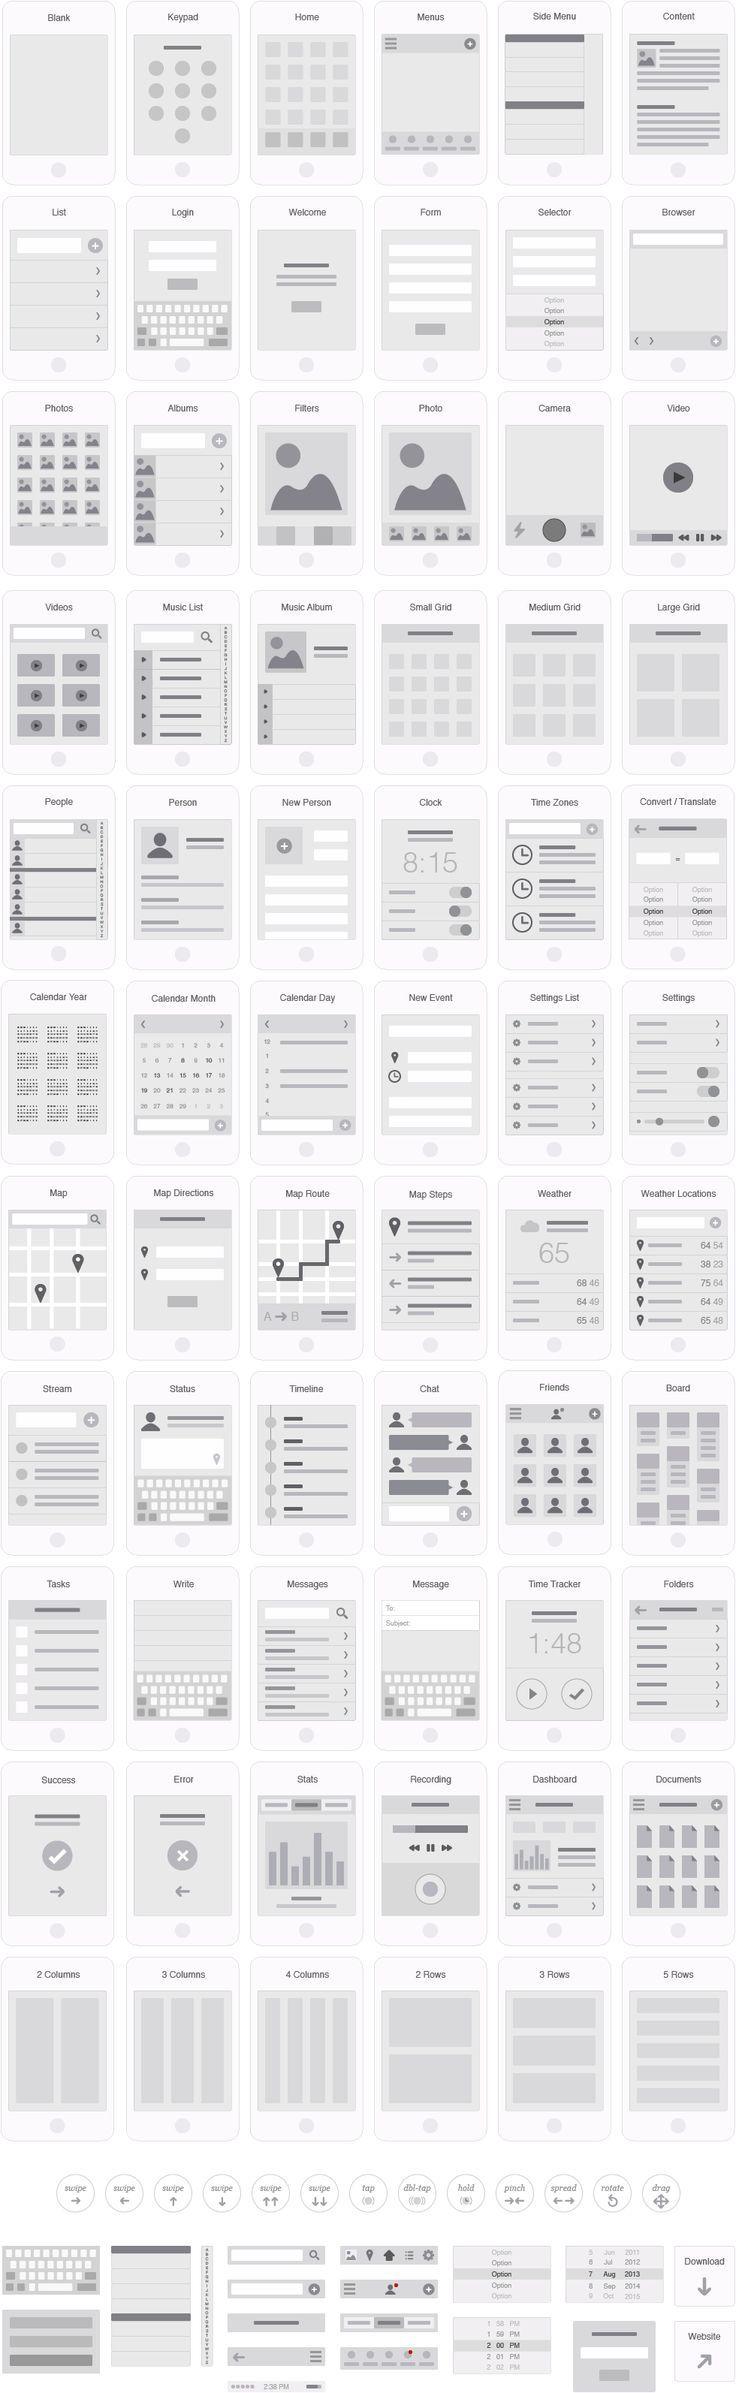 mobile app visual flowchart illustrator template  u2013 ux kits